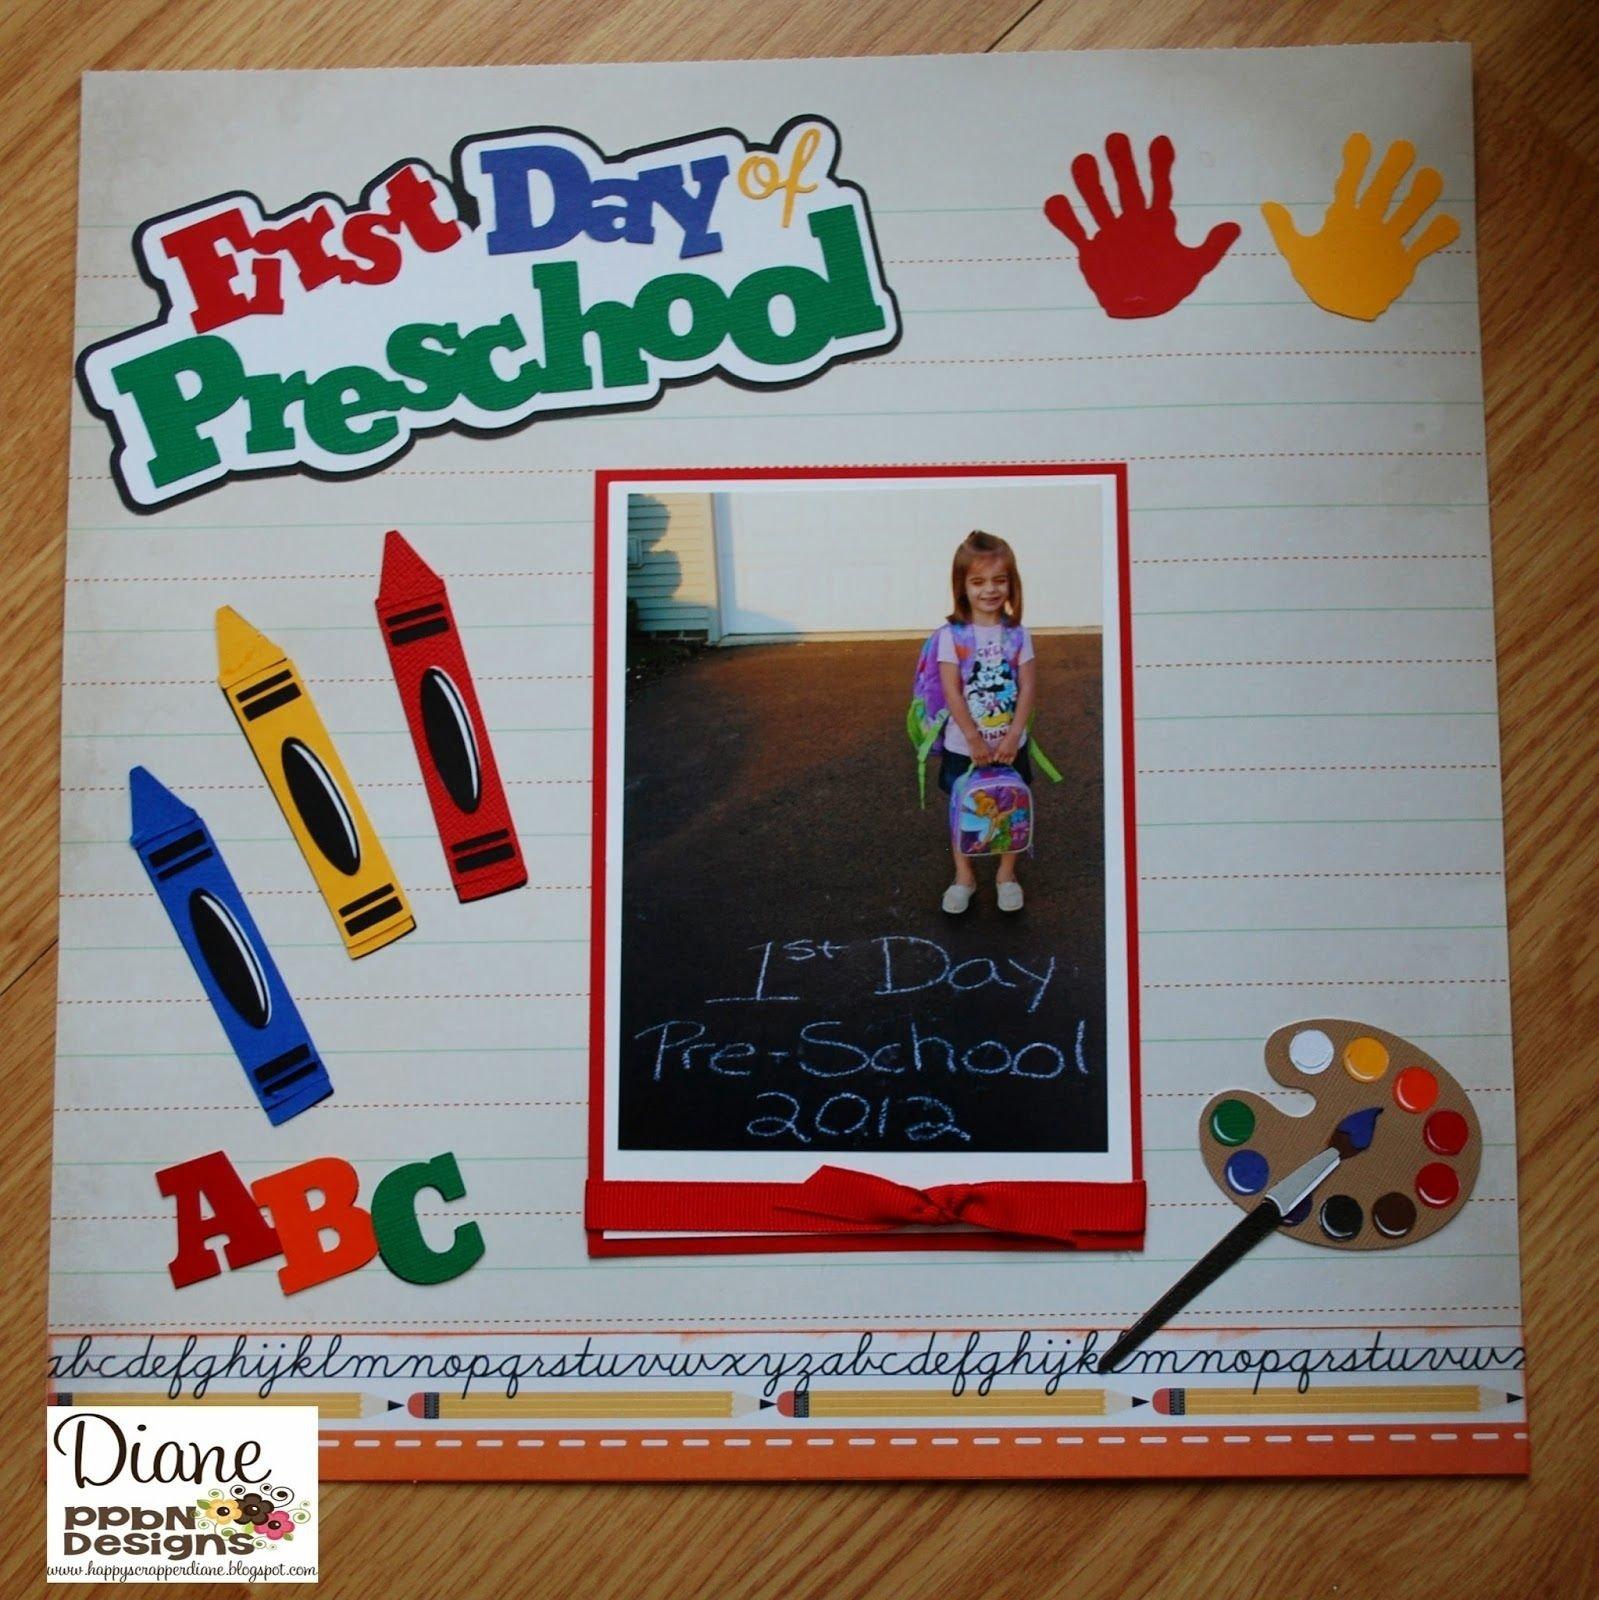 10 Fabulous First Day Of Preschool Ideas pinterest preschool ideas math worksheet ppbn designs blog first 2020